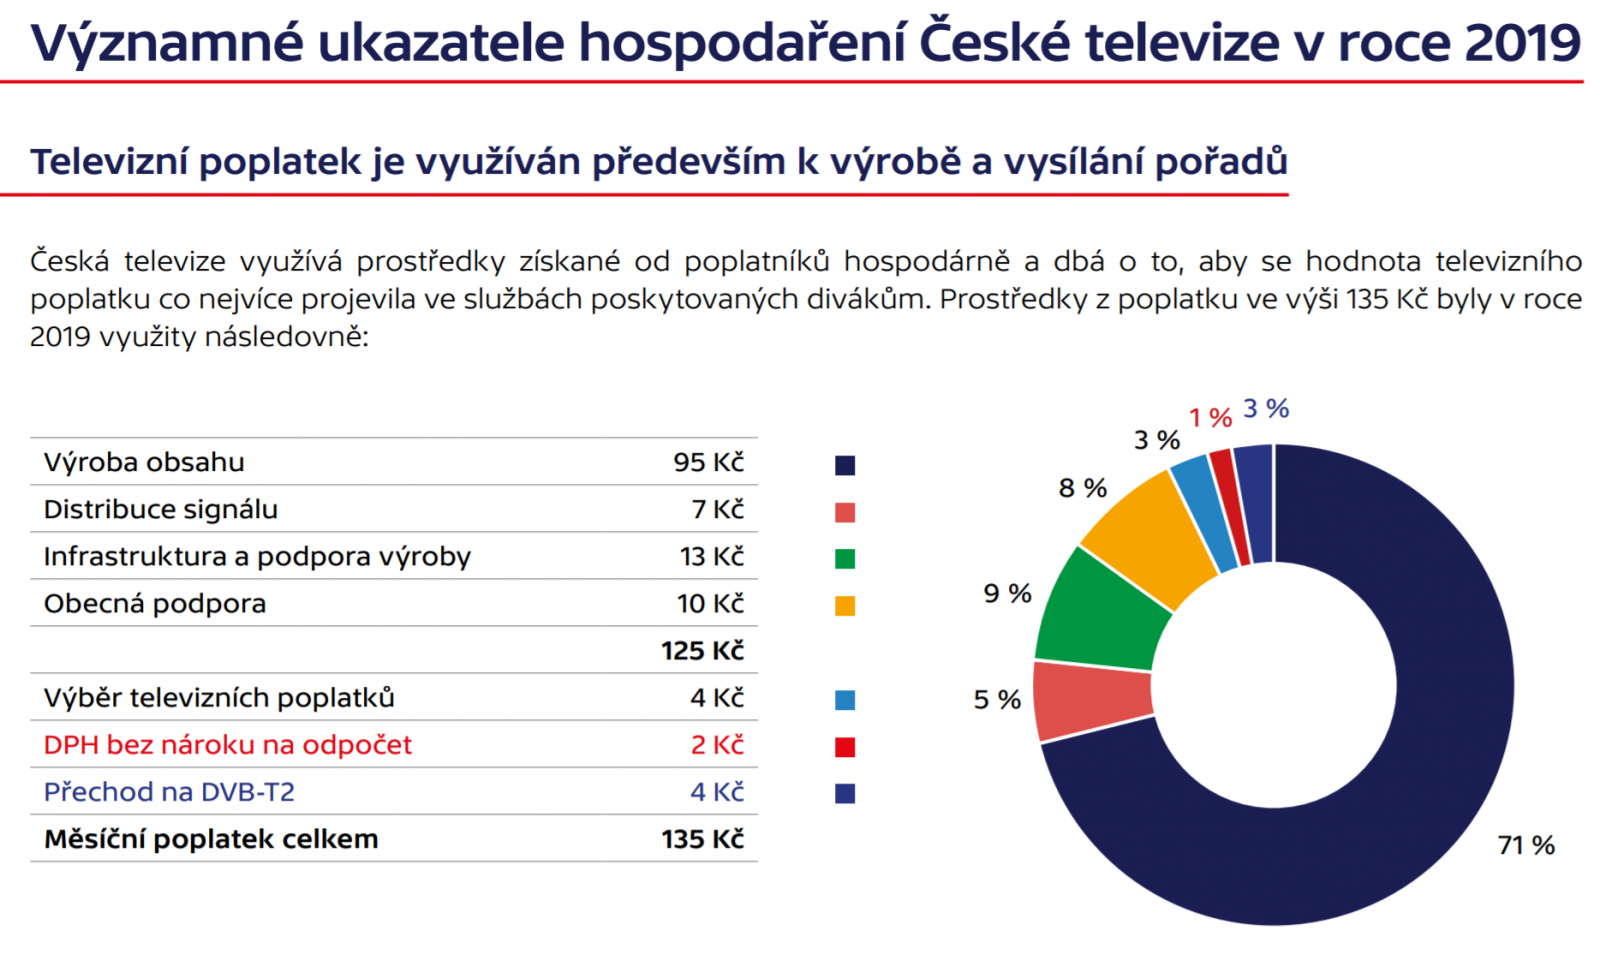 Hospodaření České televize v roce 2019